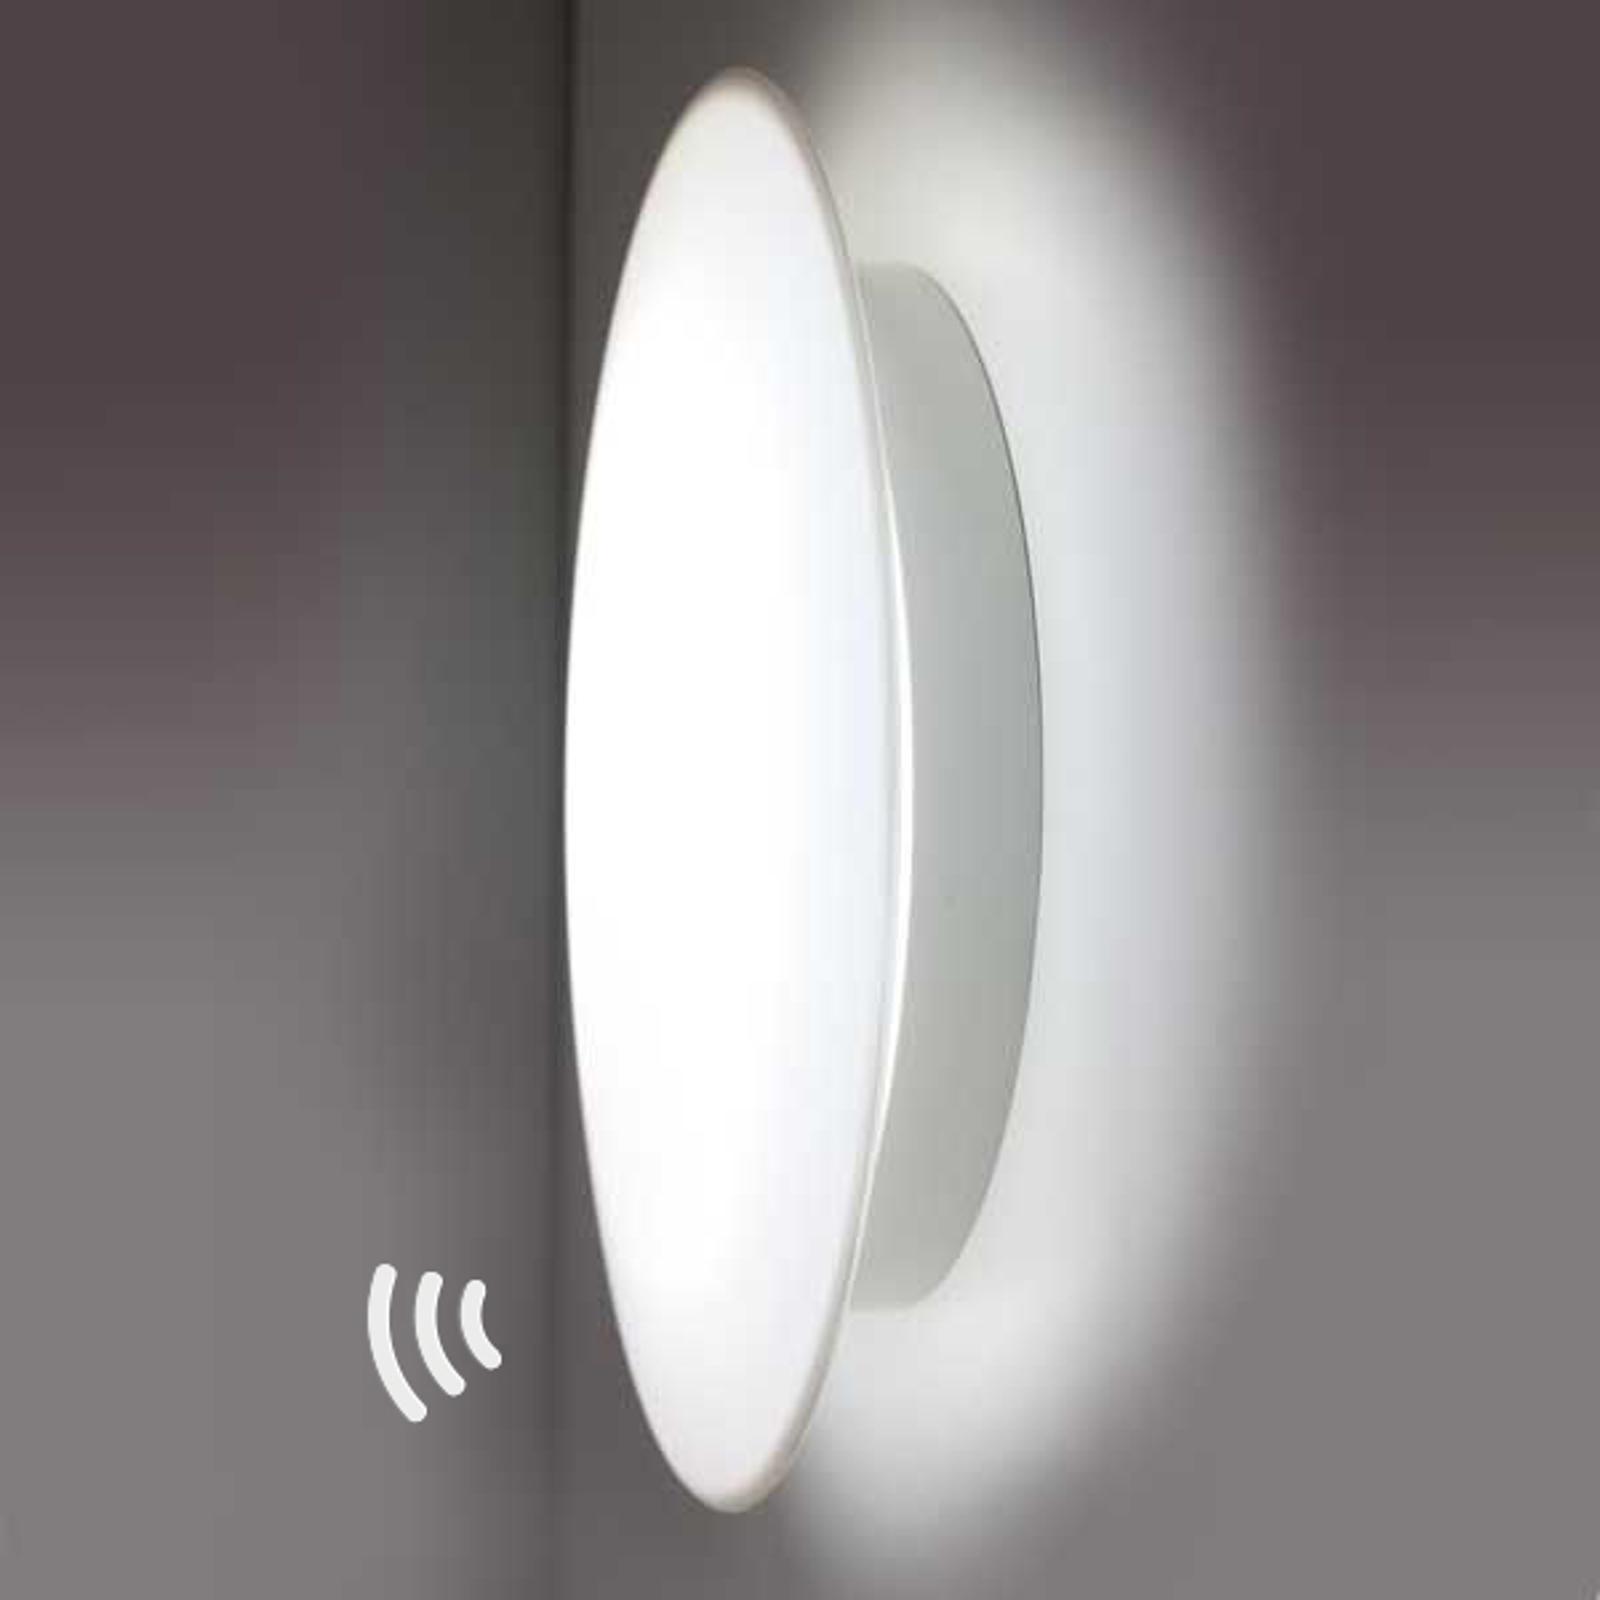 SUN 3 - la lampada LED del futuro, 13W 4K, sensore